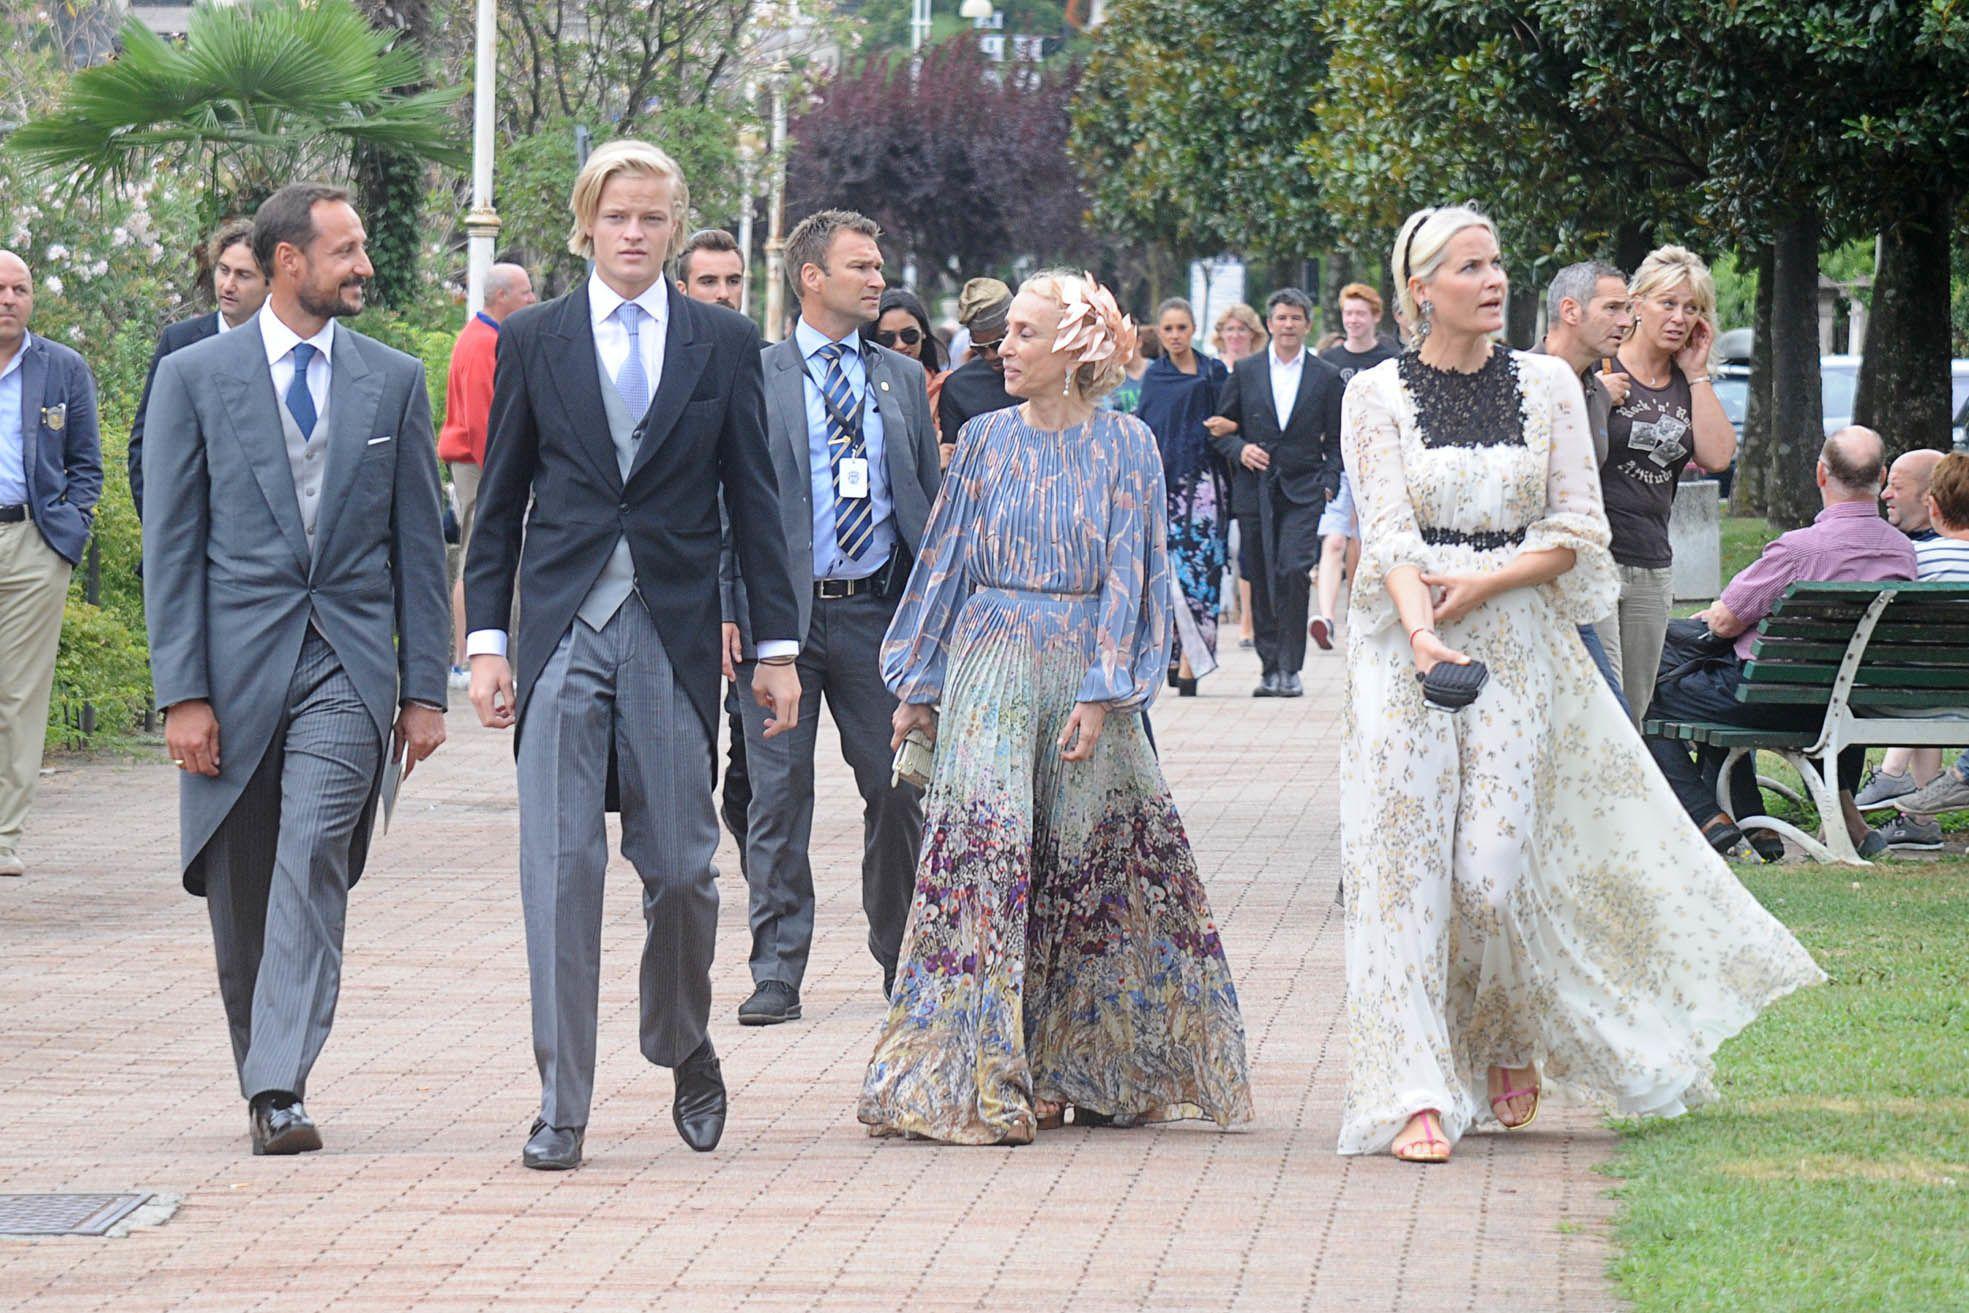 Haakon Marius En Mette Marit Op Het Huwelijk Van Pierre En Beatrice Casiraghi Isola Bohemian Wedding Guest Dresses Bohemian Wedding Guest Wedding Guest Dress